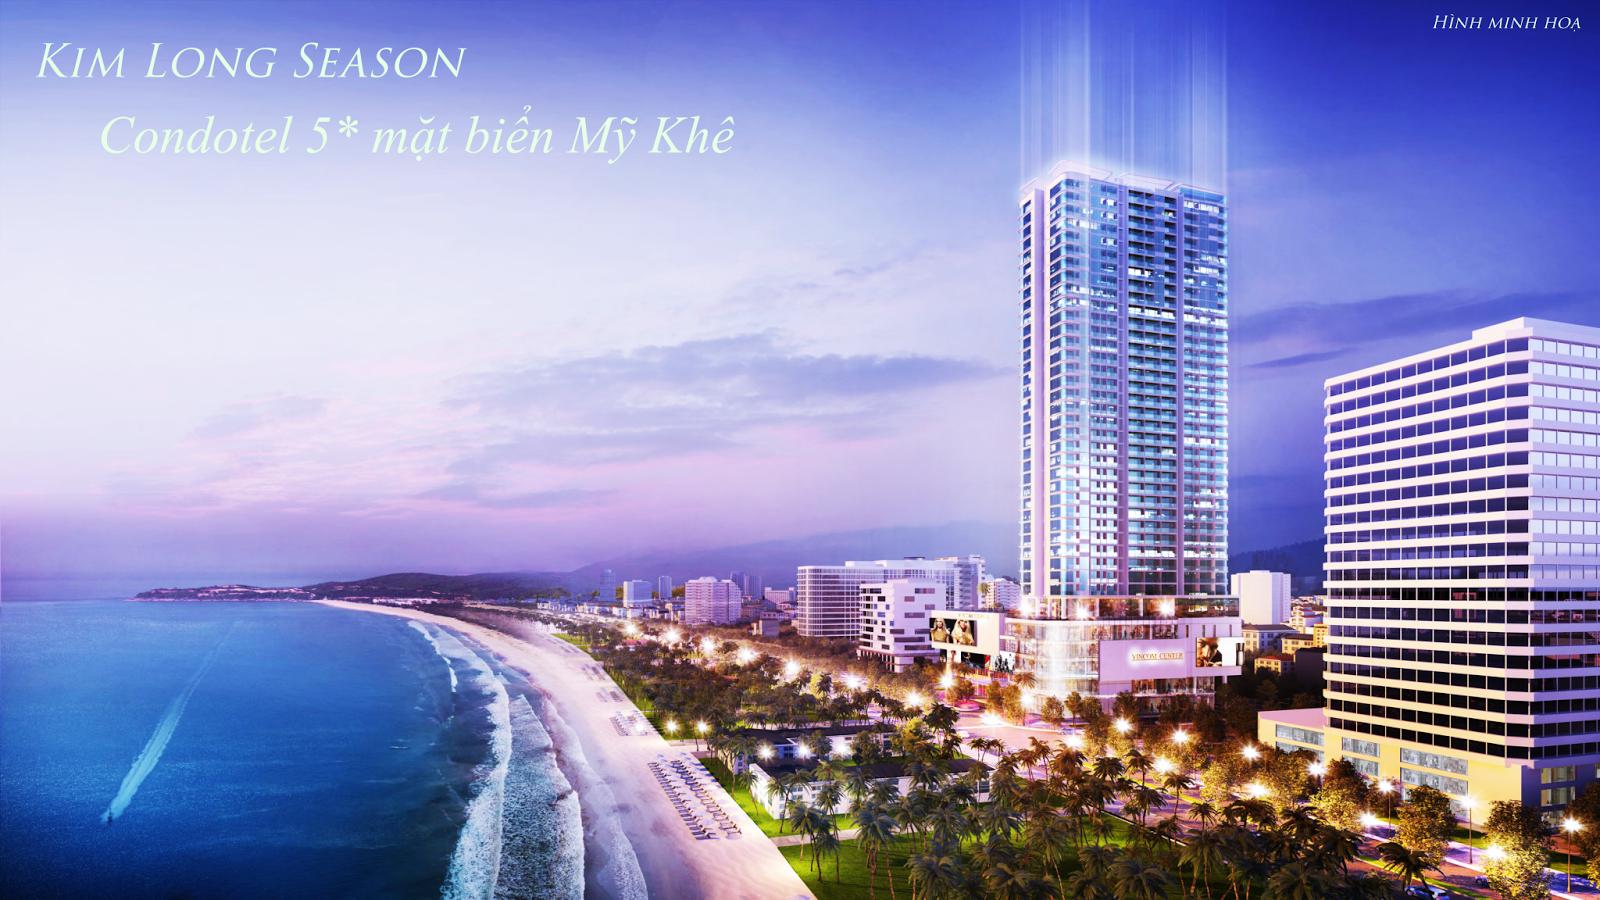 Kim Long Season - Condotel 5* mặt biển Mỹ Khê